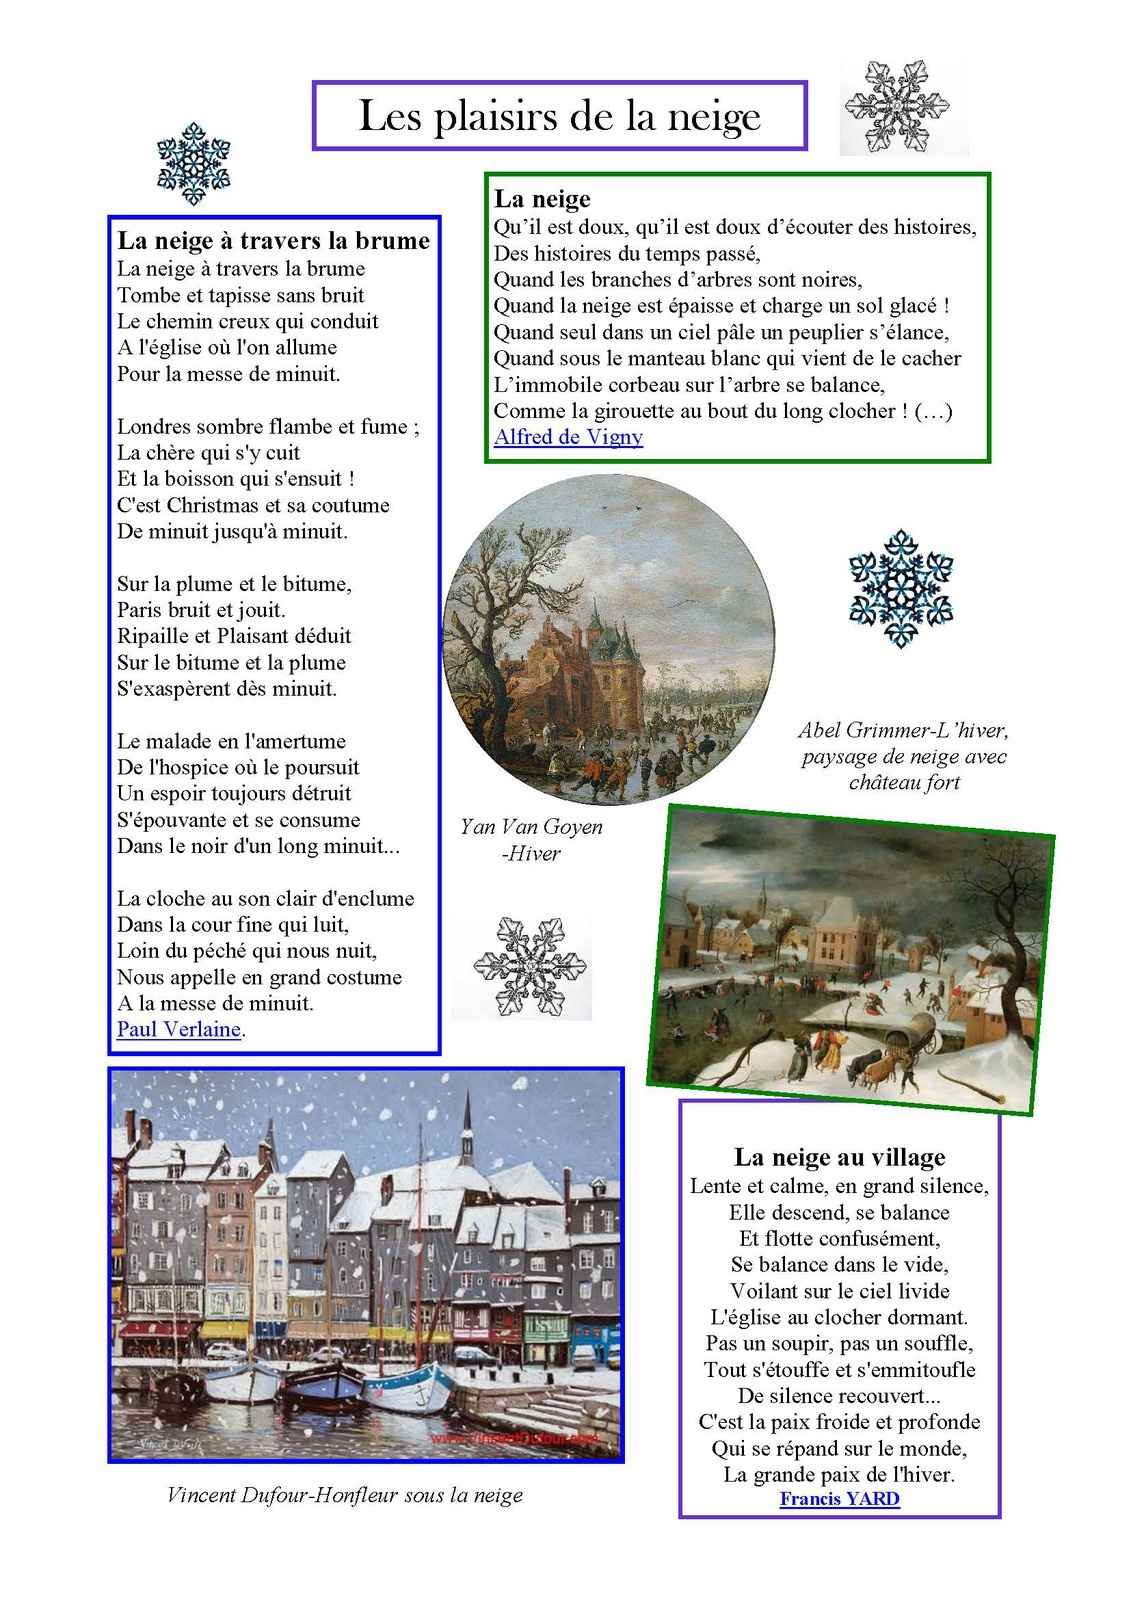 La Neige Au Village Poésie : neige, village, poésie, Poesie, Neige, Village